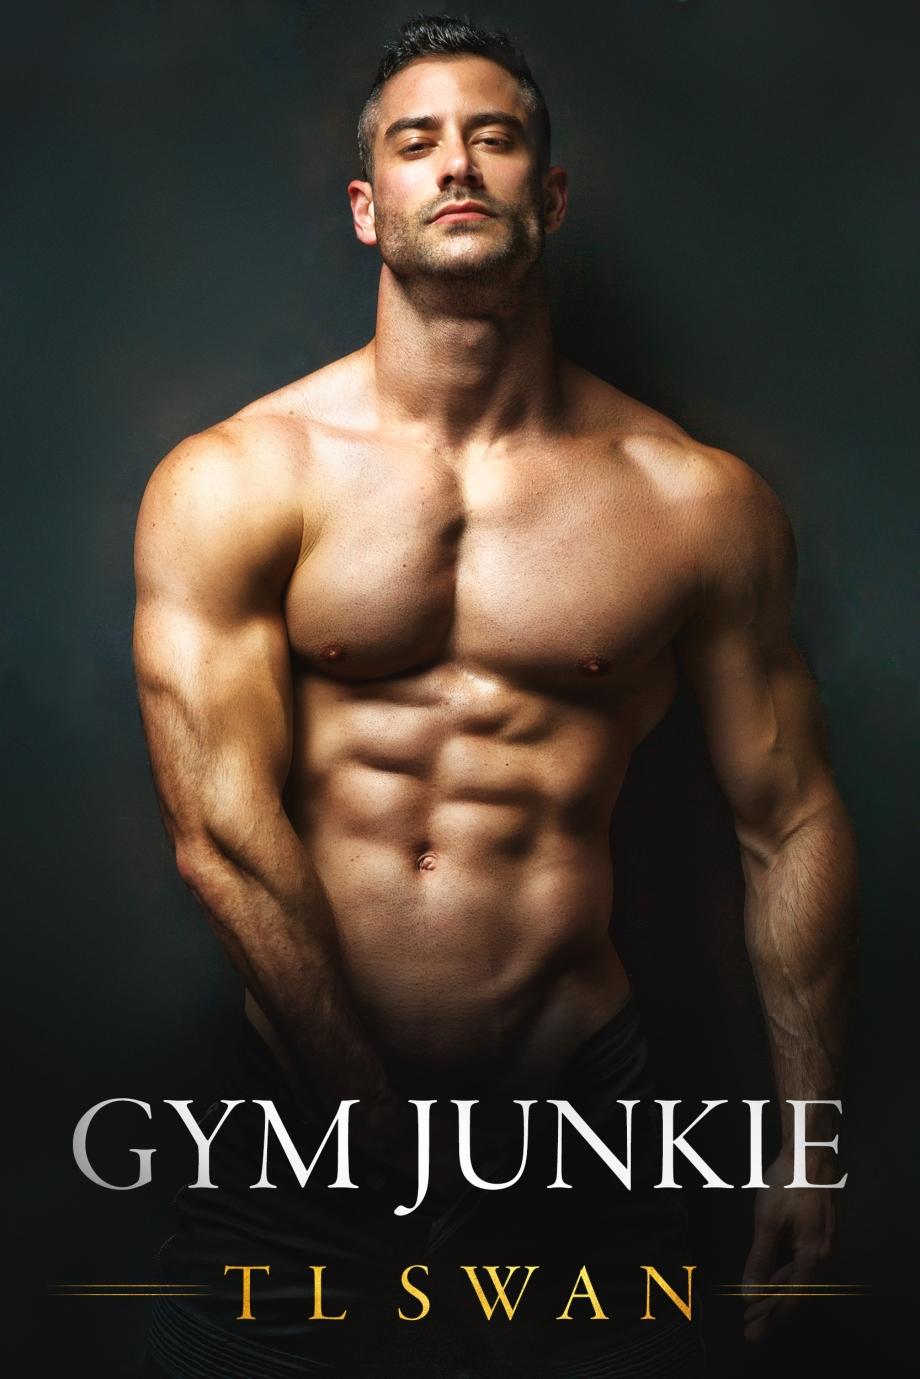 Gym Junkie FACEBOOK IMAGE[14595]